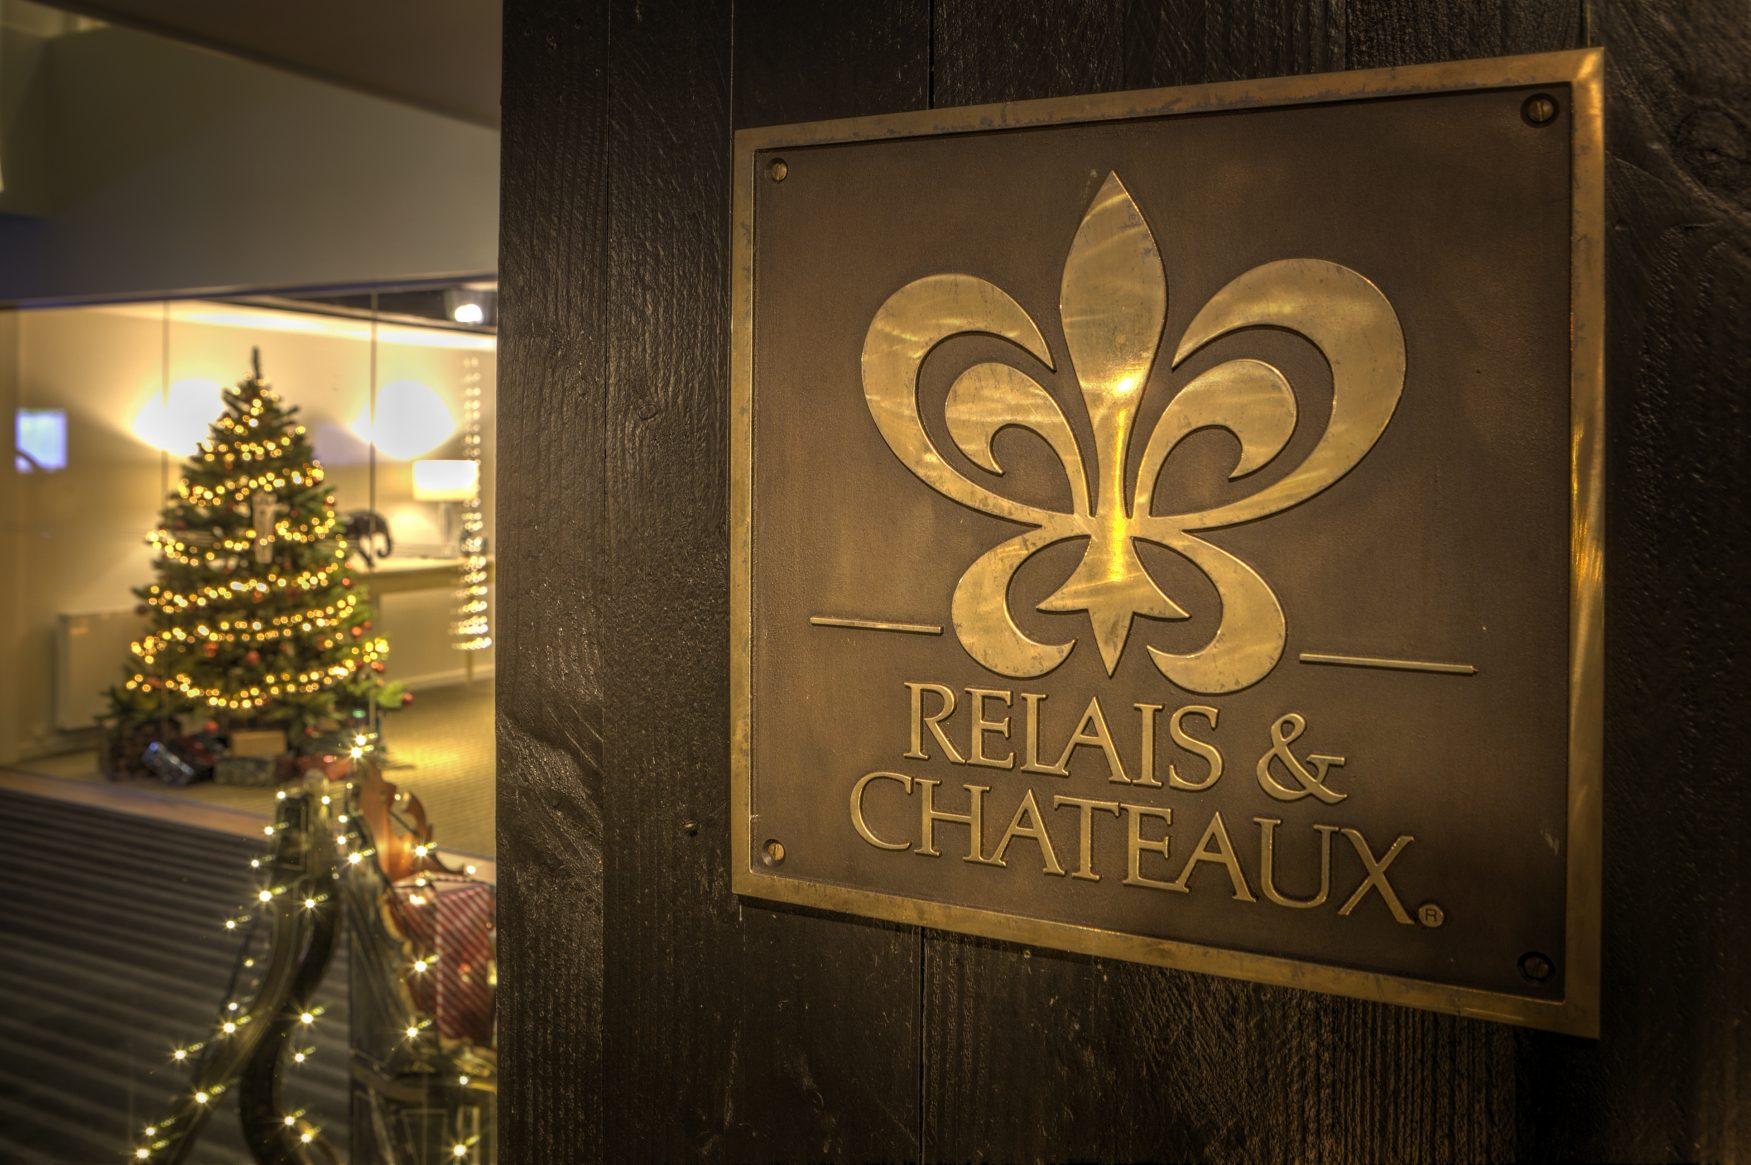 Das Relais & Chateux zur Weihnachtszeit Foto: Parkhotel de Wiemsel,